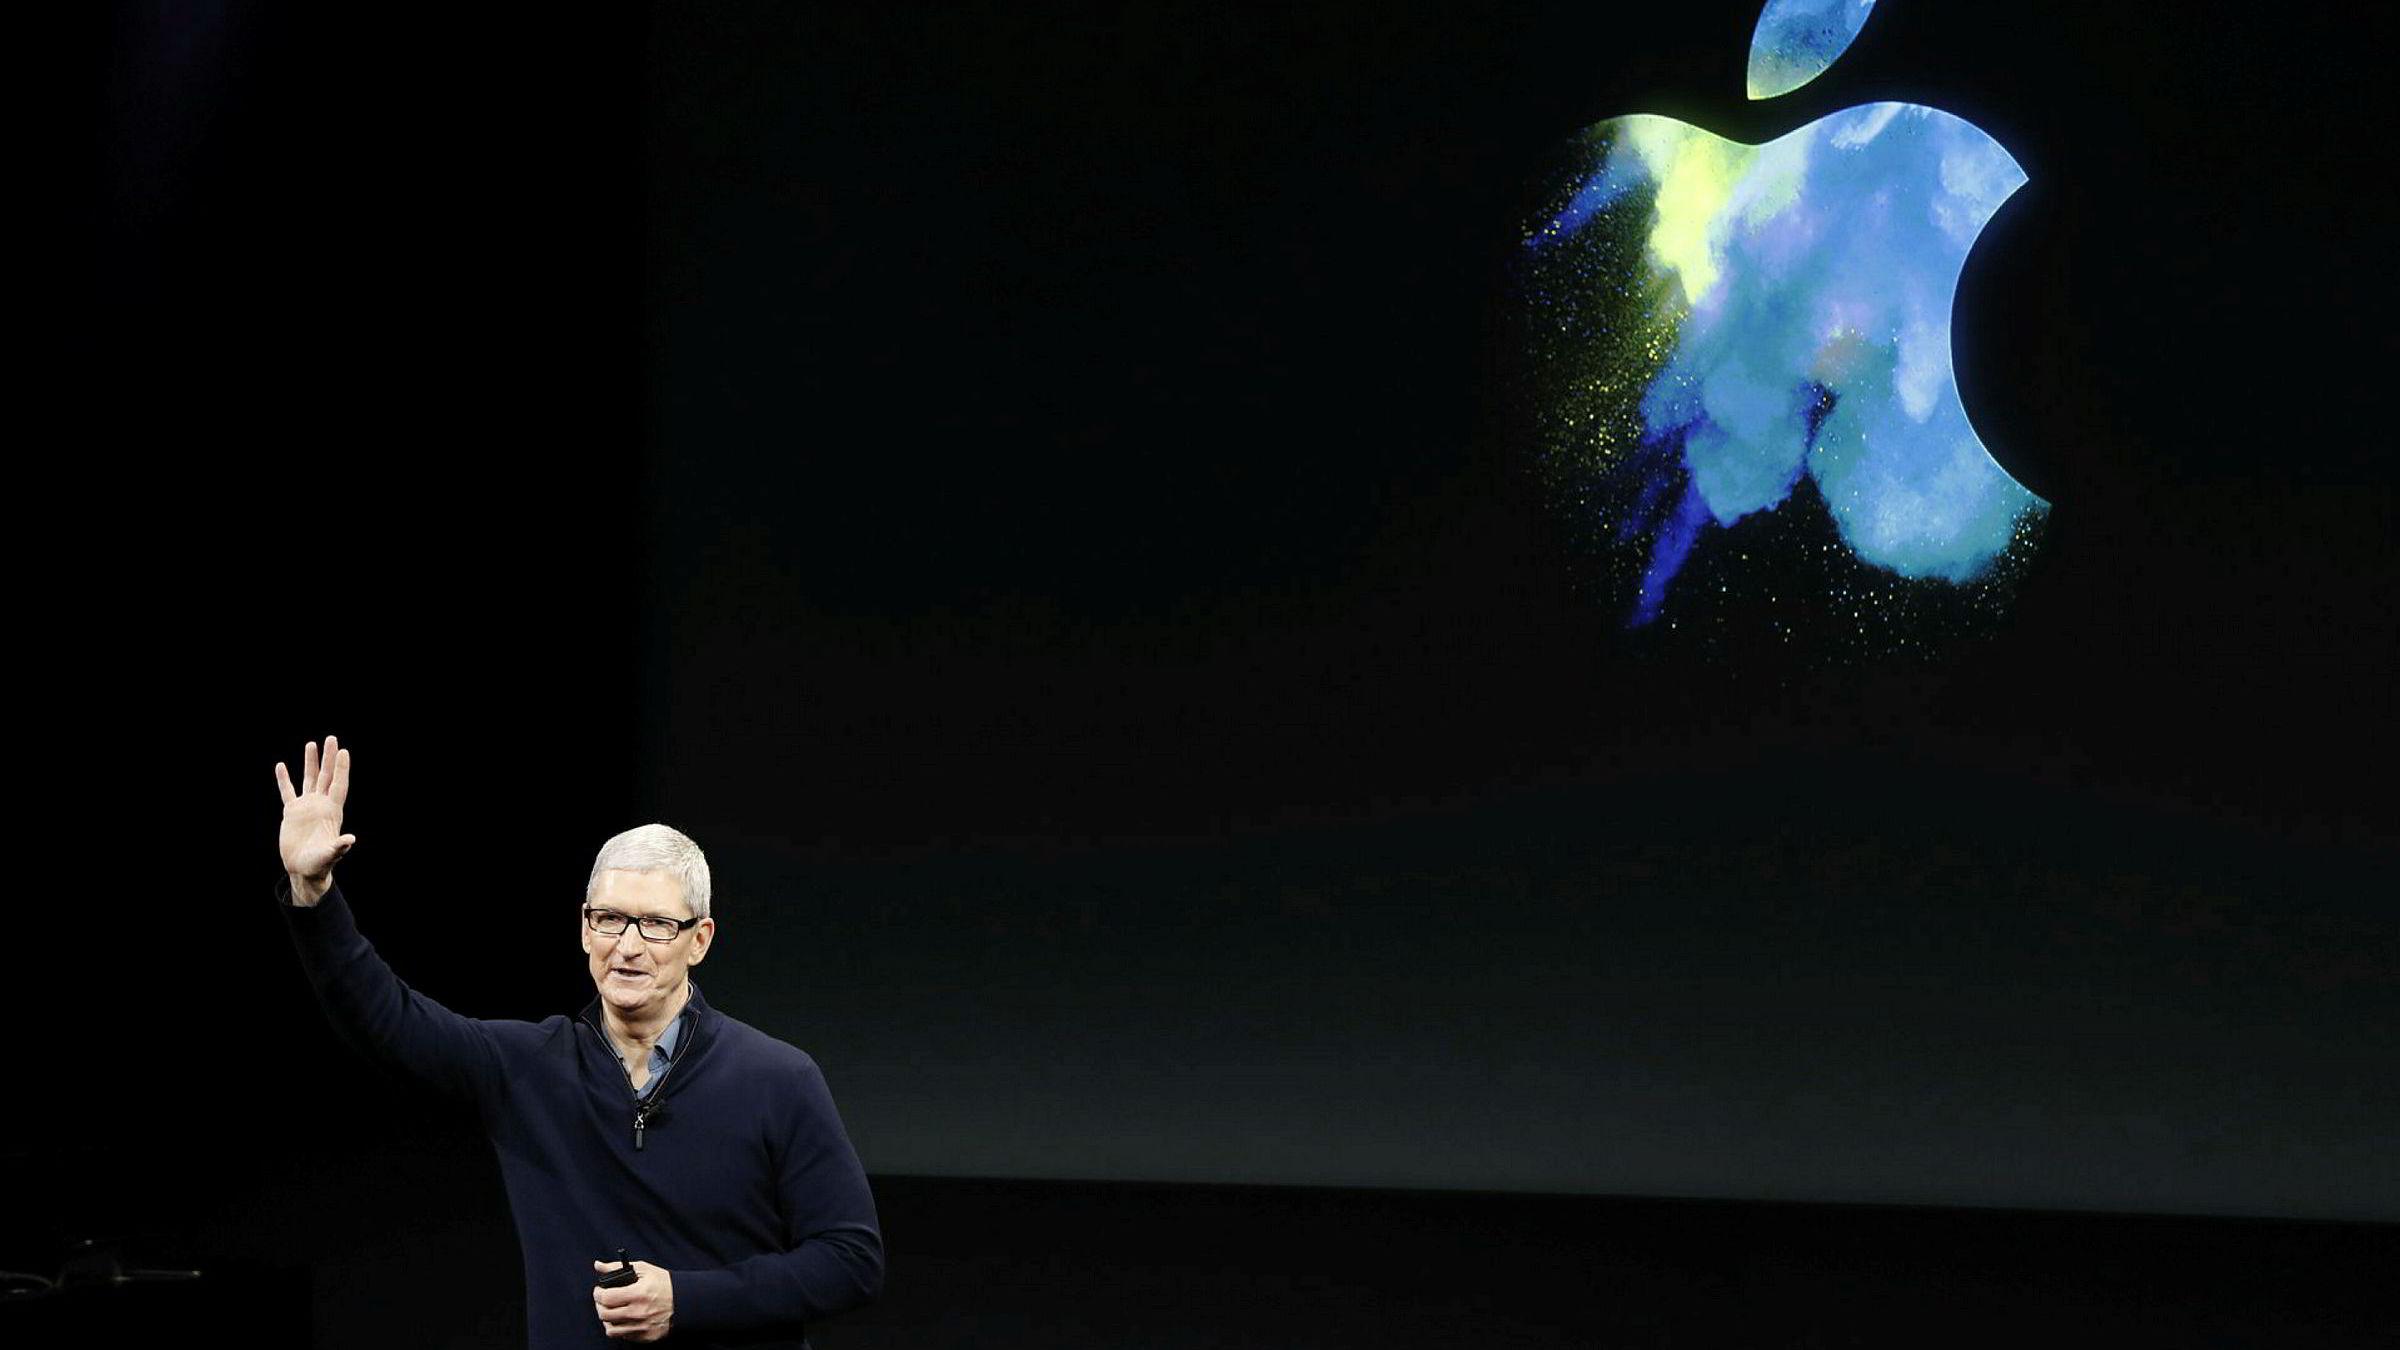 Apples administrerende direktør Tim Cook, her under en presentasjon i Cupertino, California i oktober 2016.